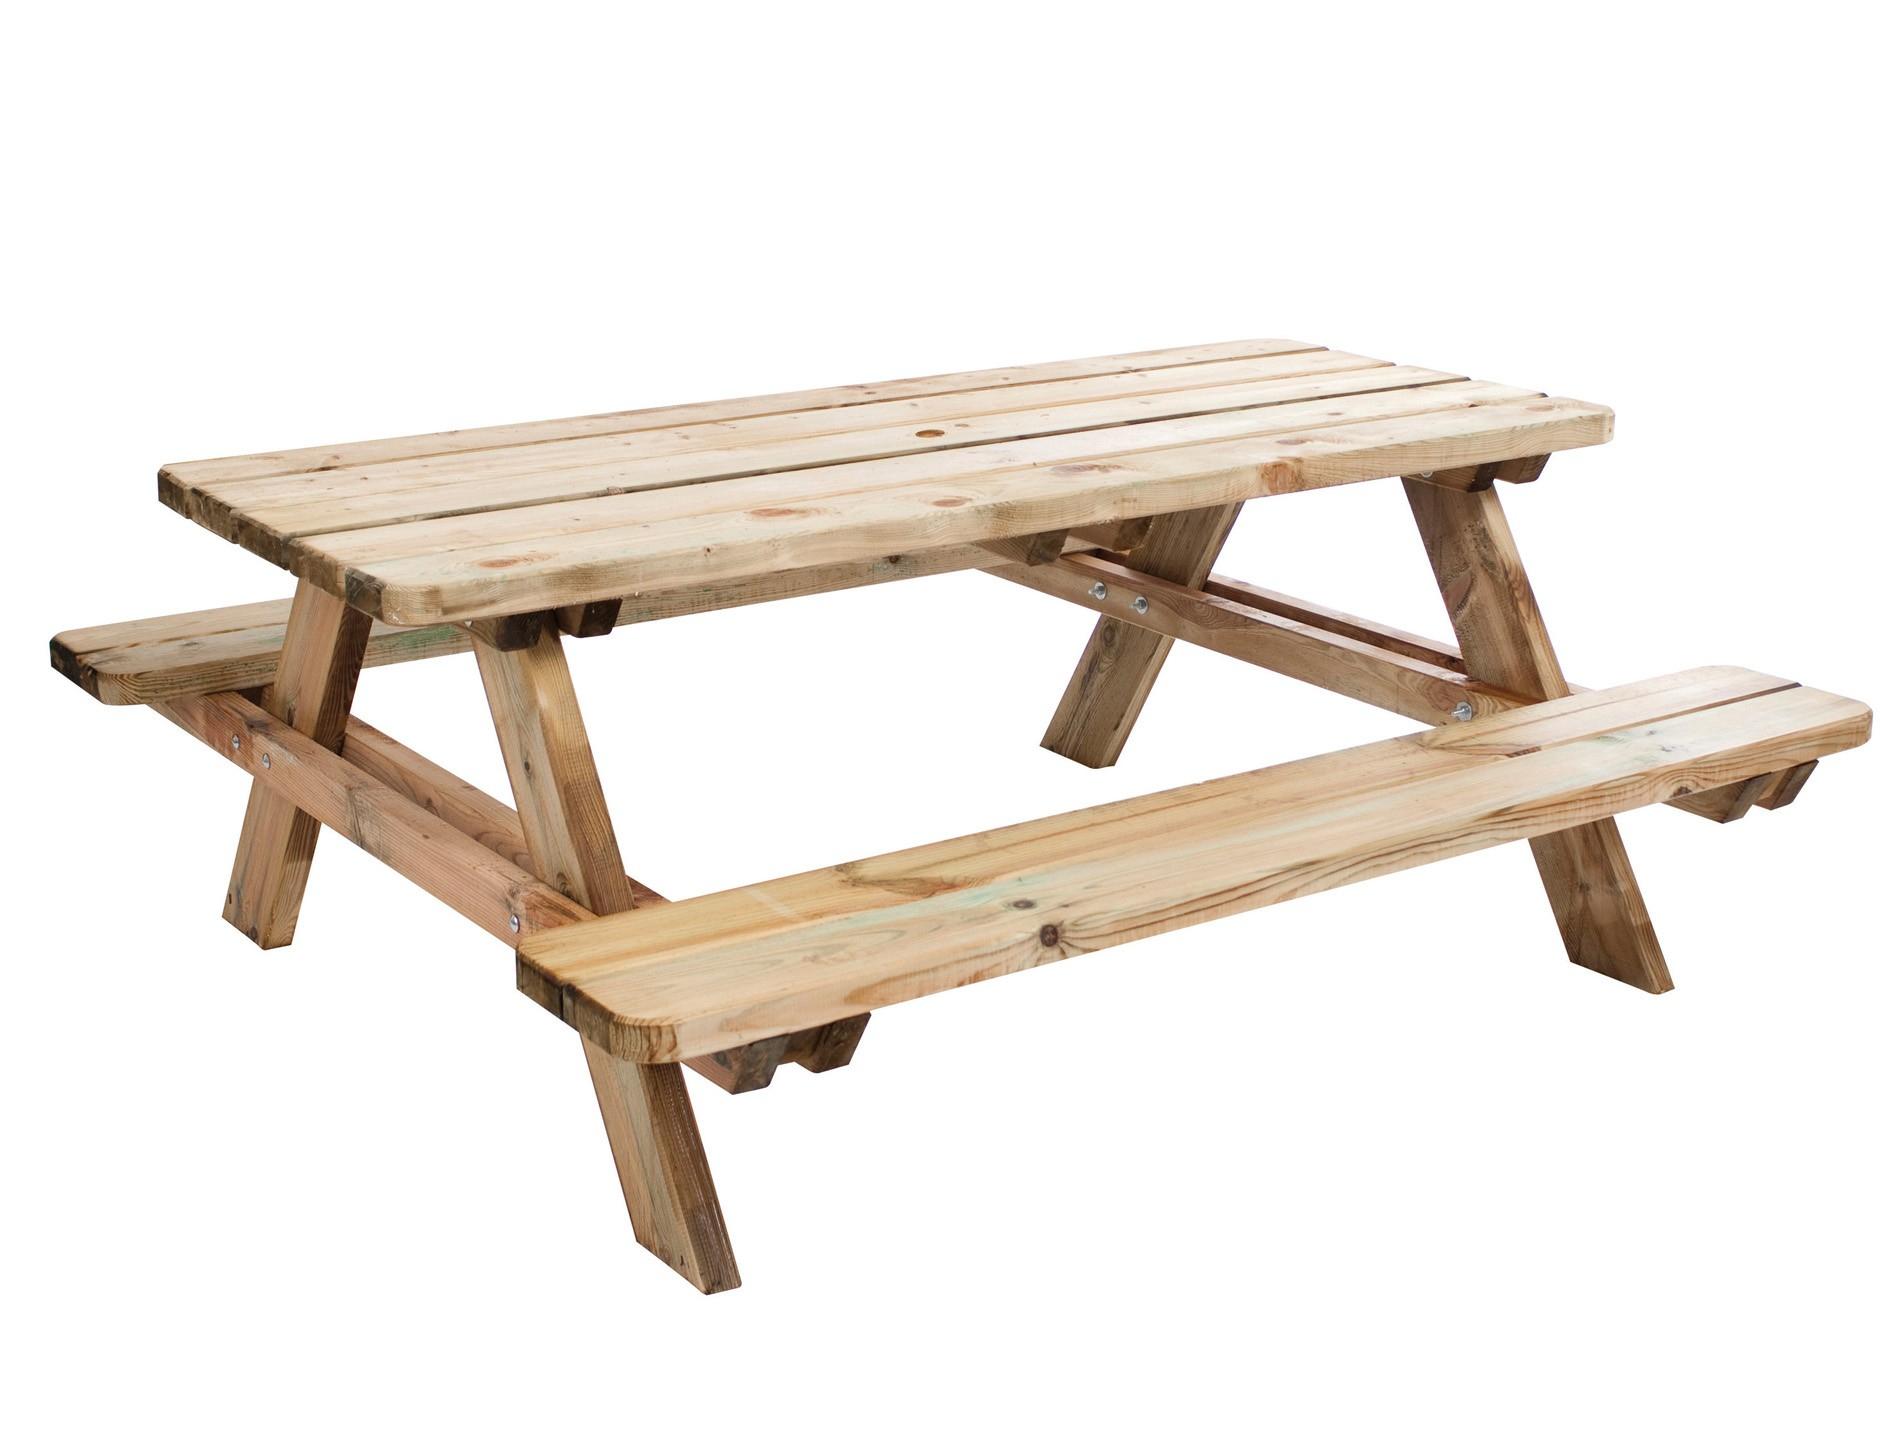 Table De Pique Nique En Bois Matisse 1.80M - Mobilier De ... concernant Table De Jardin Pique Nique Bois